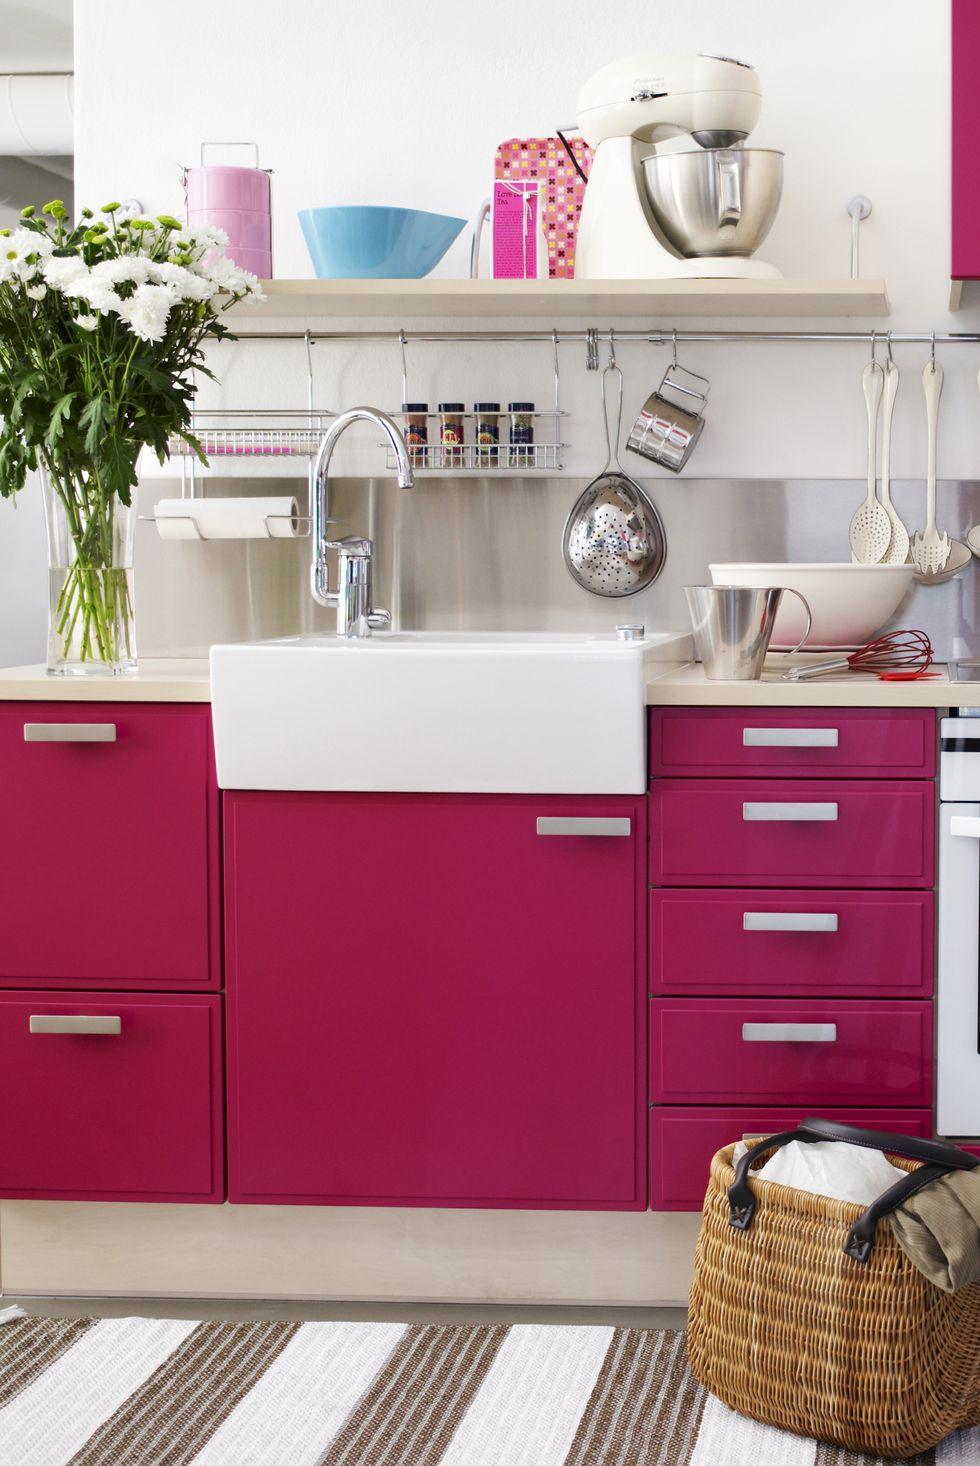 Malte rosa fronter på kjøkkenet